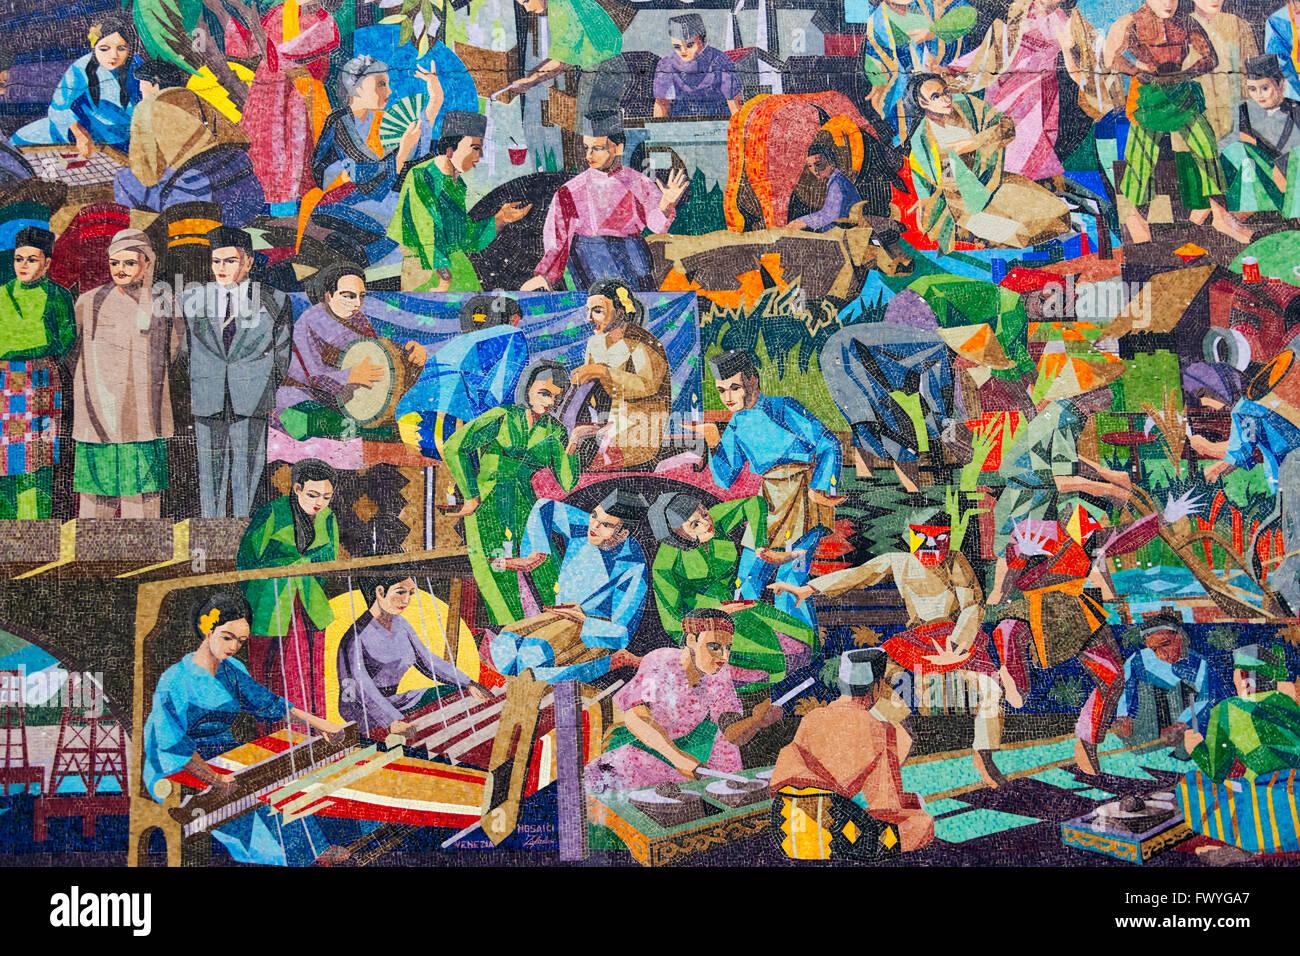 Street mural, Bandar Seri Begawan, Brunei - Stock Image